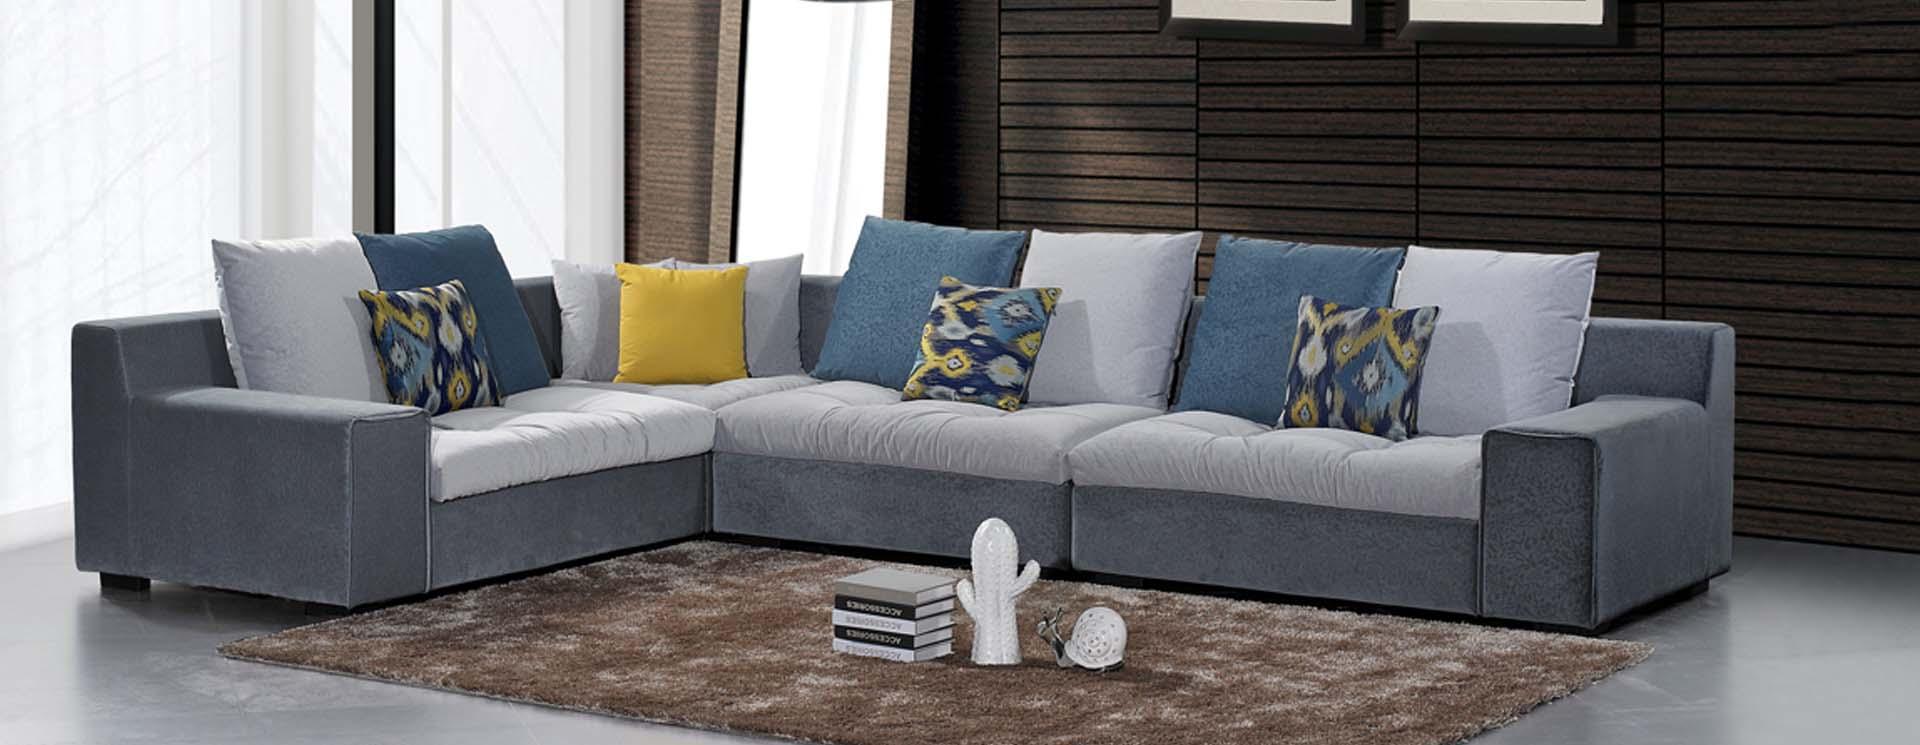 名称:沙发E-655A#<br/> 市场价:<font style='color:#999;text-decoration:line-through;'>¥0</font><br />全国统一零售价:<font color='Red'>¥0.0</font>